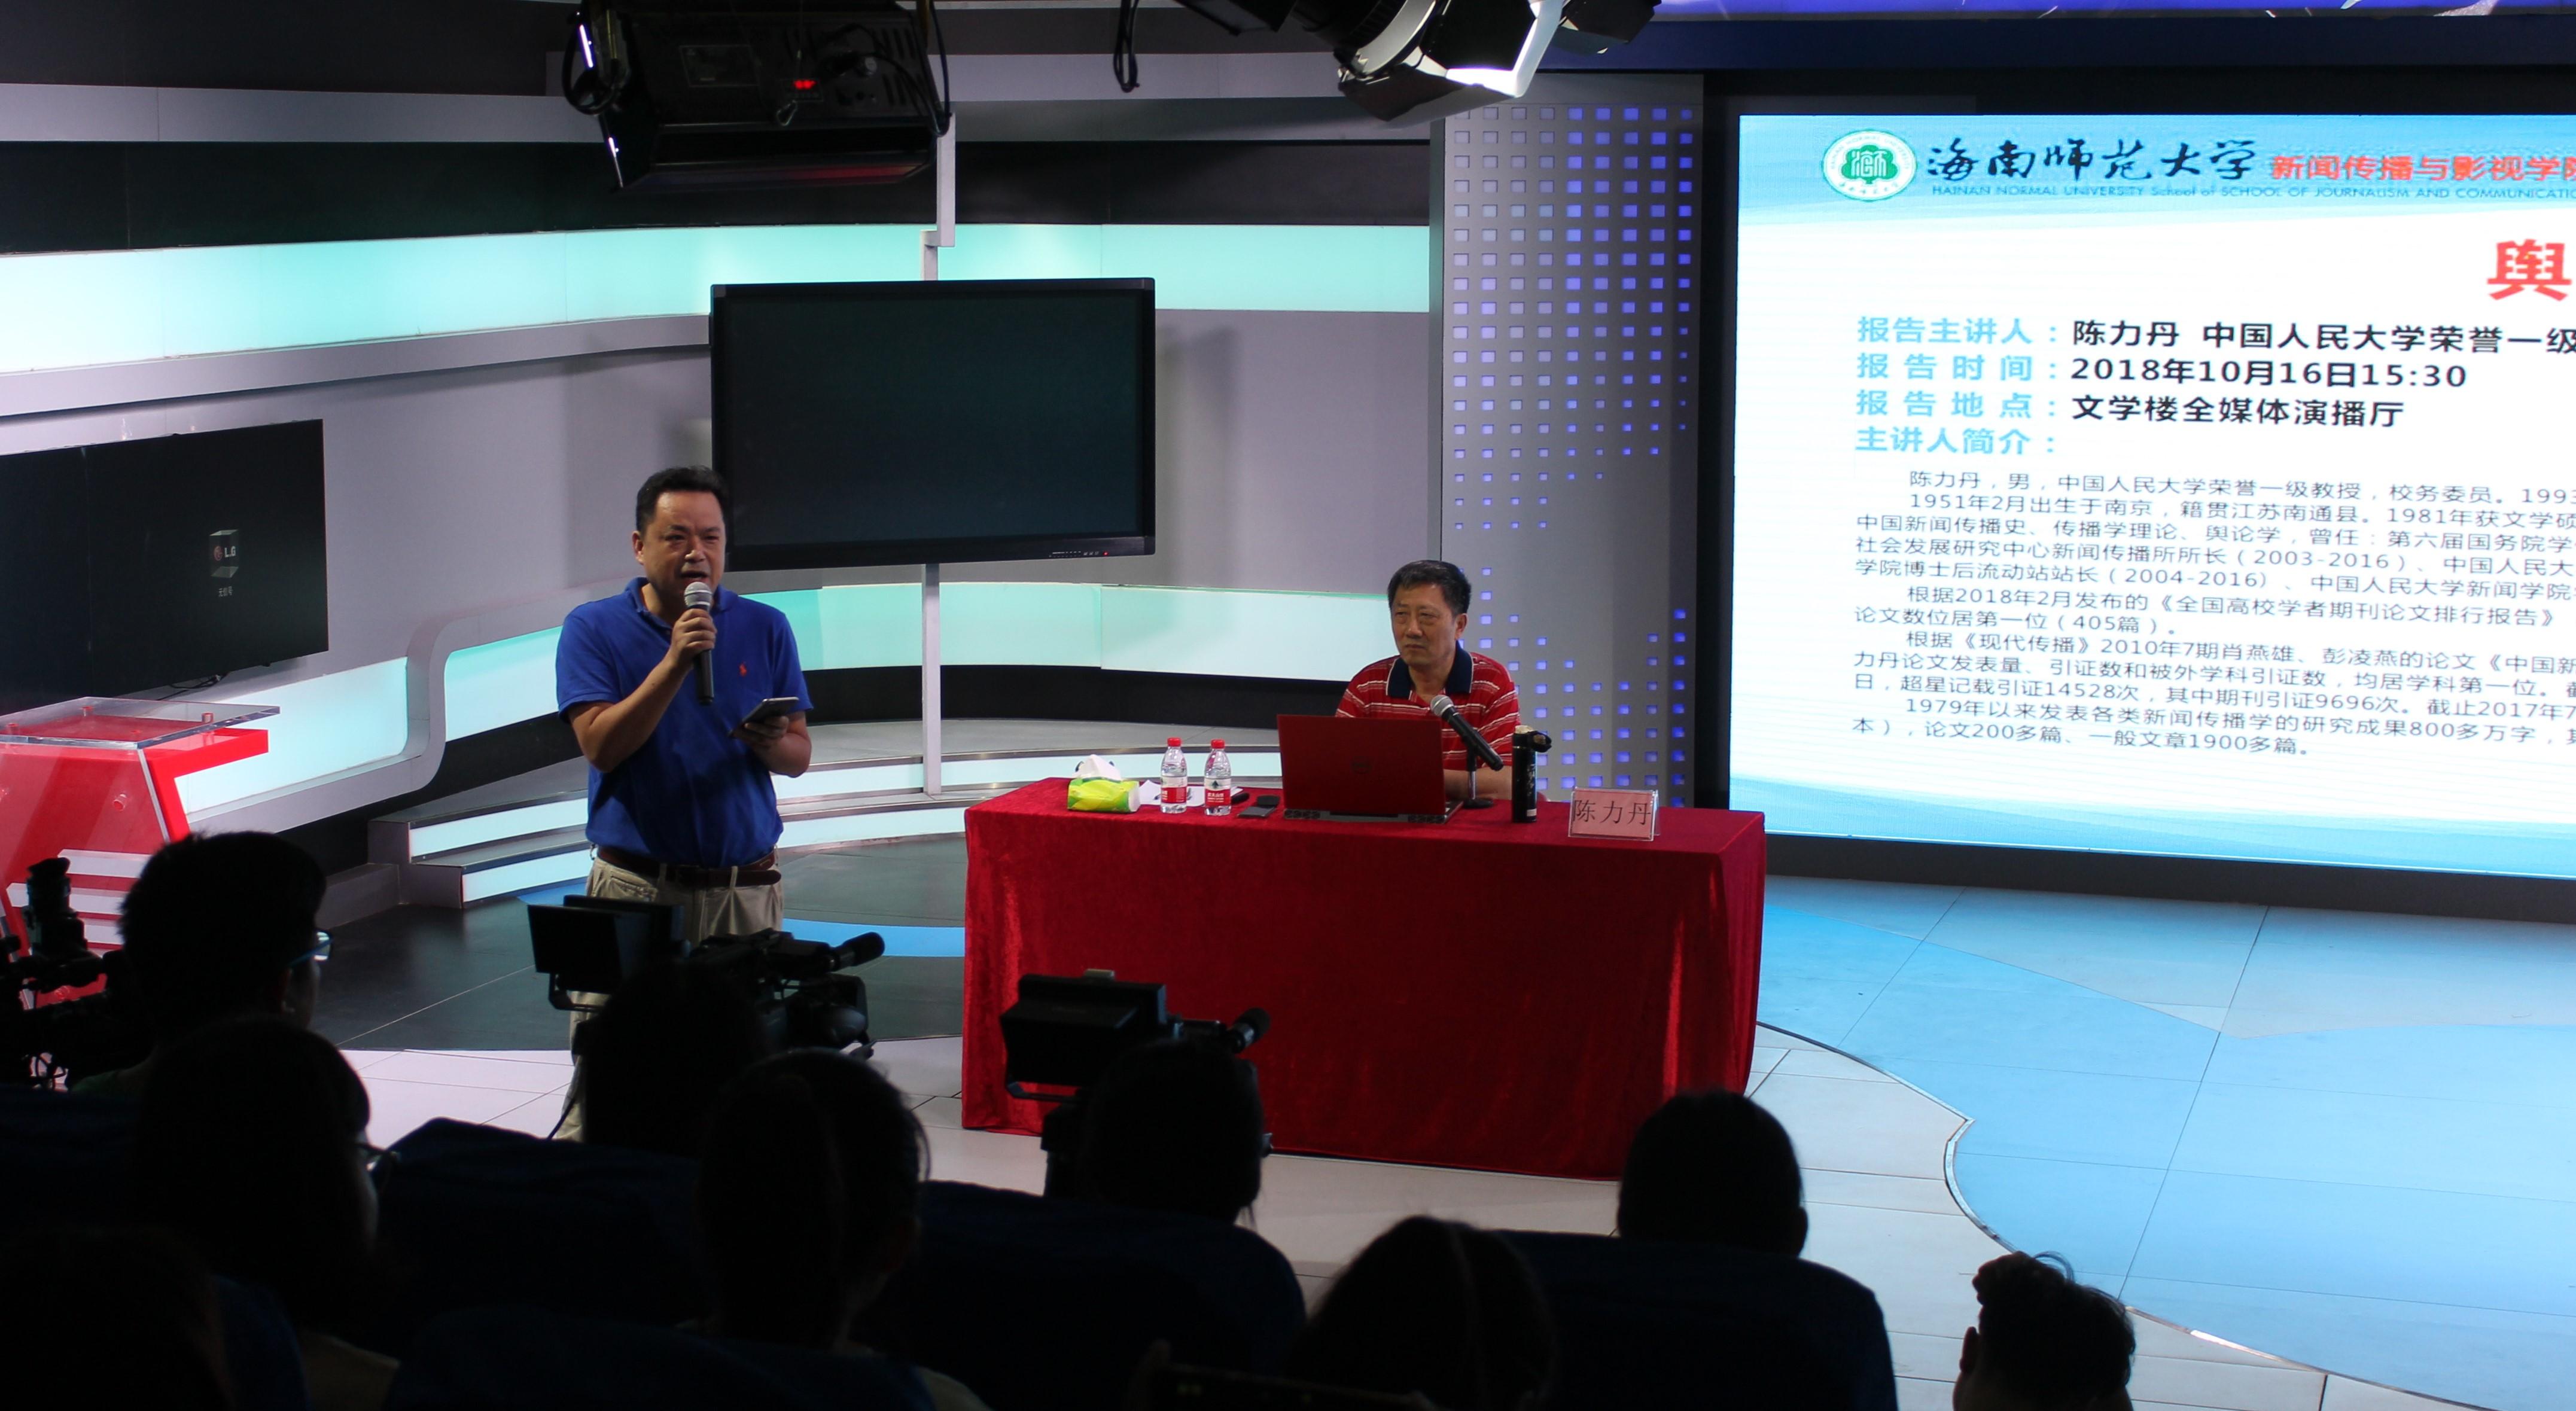 中国人民大学荣誉一级教授陈力丹老师为新闻传播学子讲学